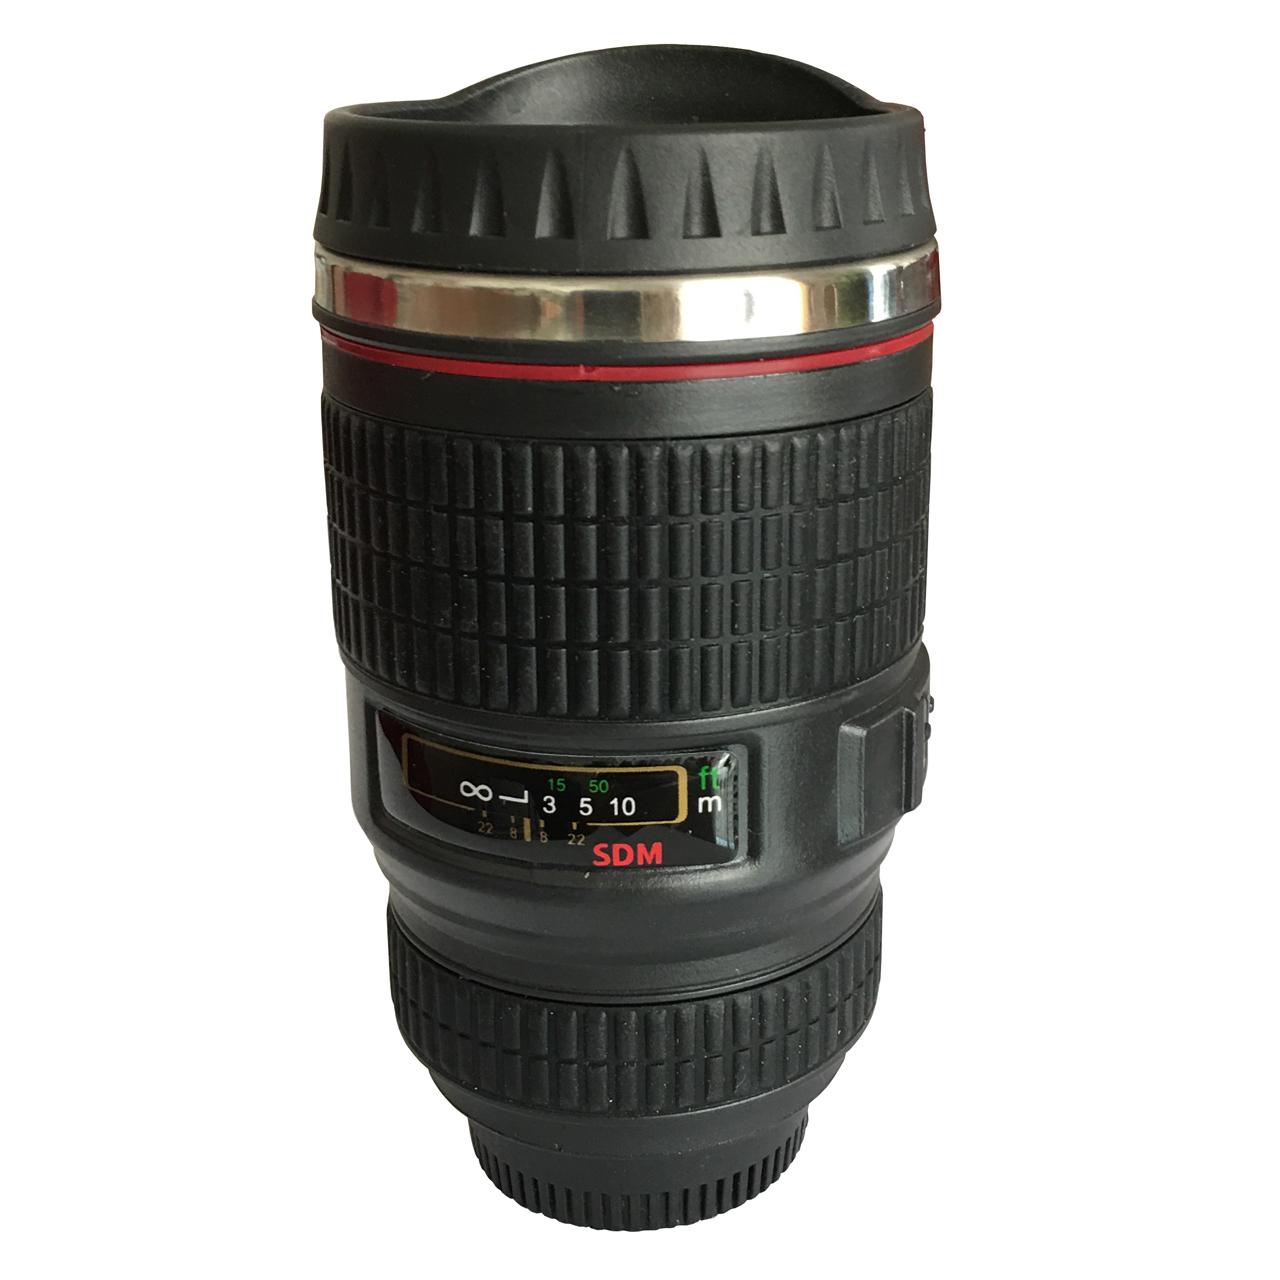 ماگ طرح لنز دوربین کد 0090